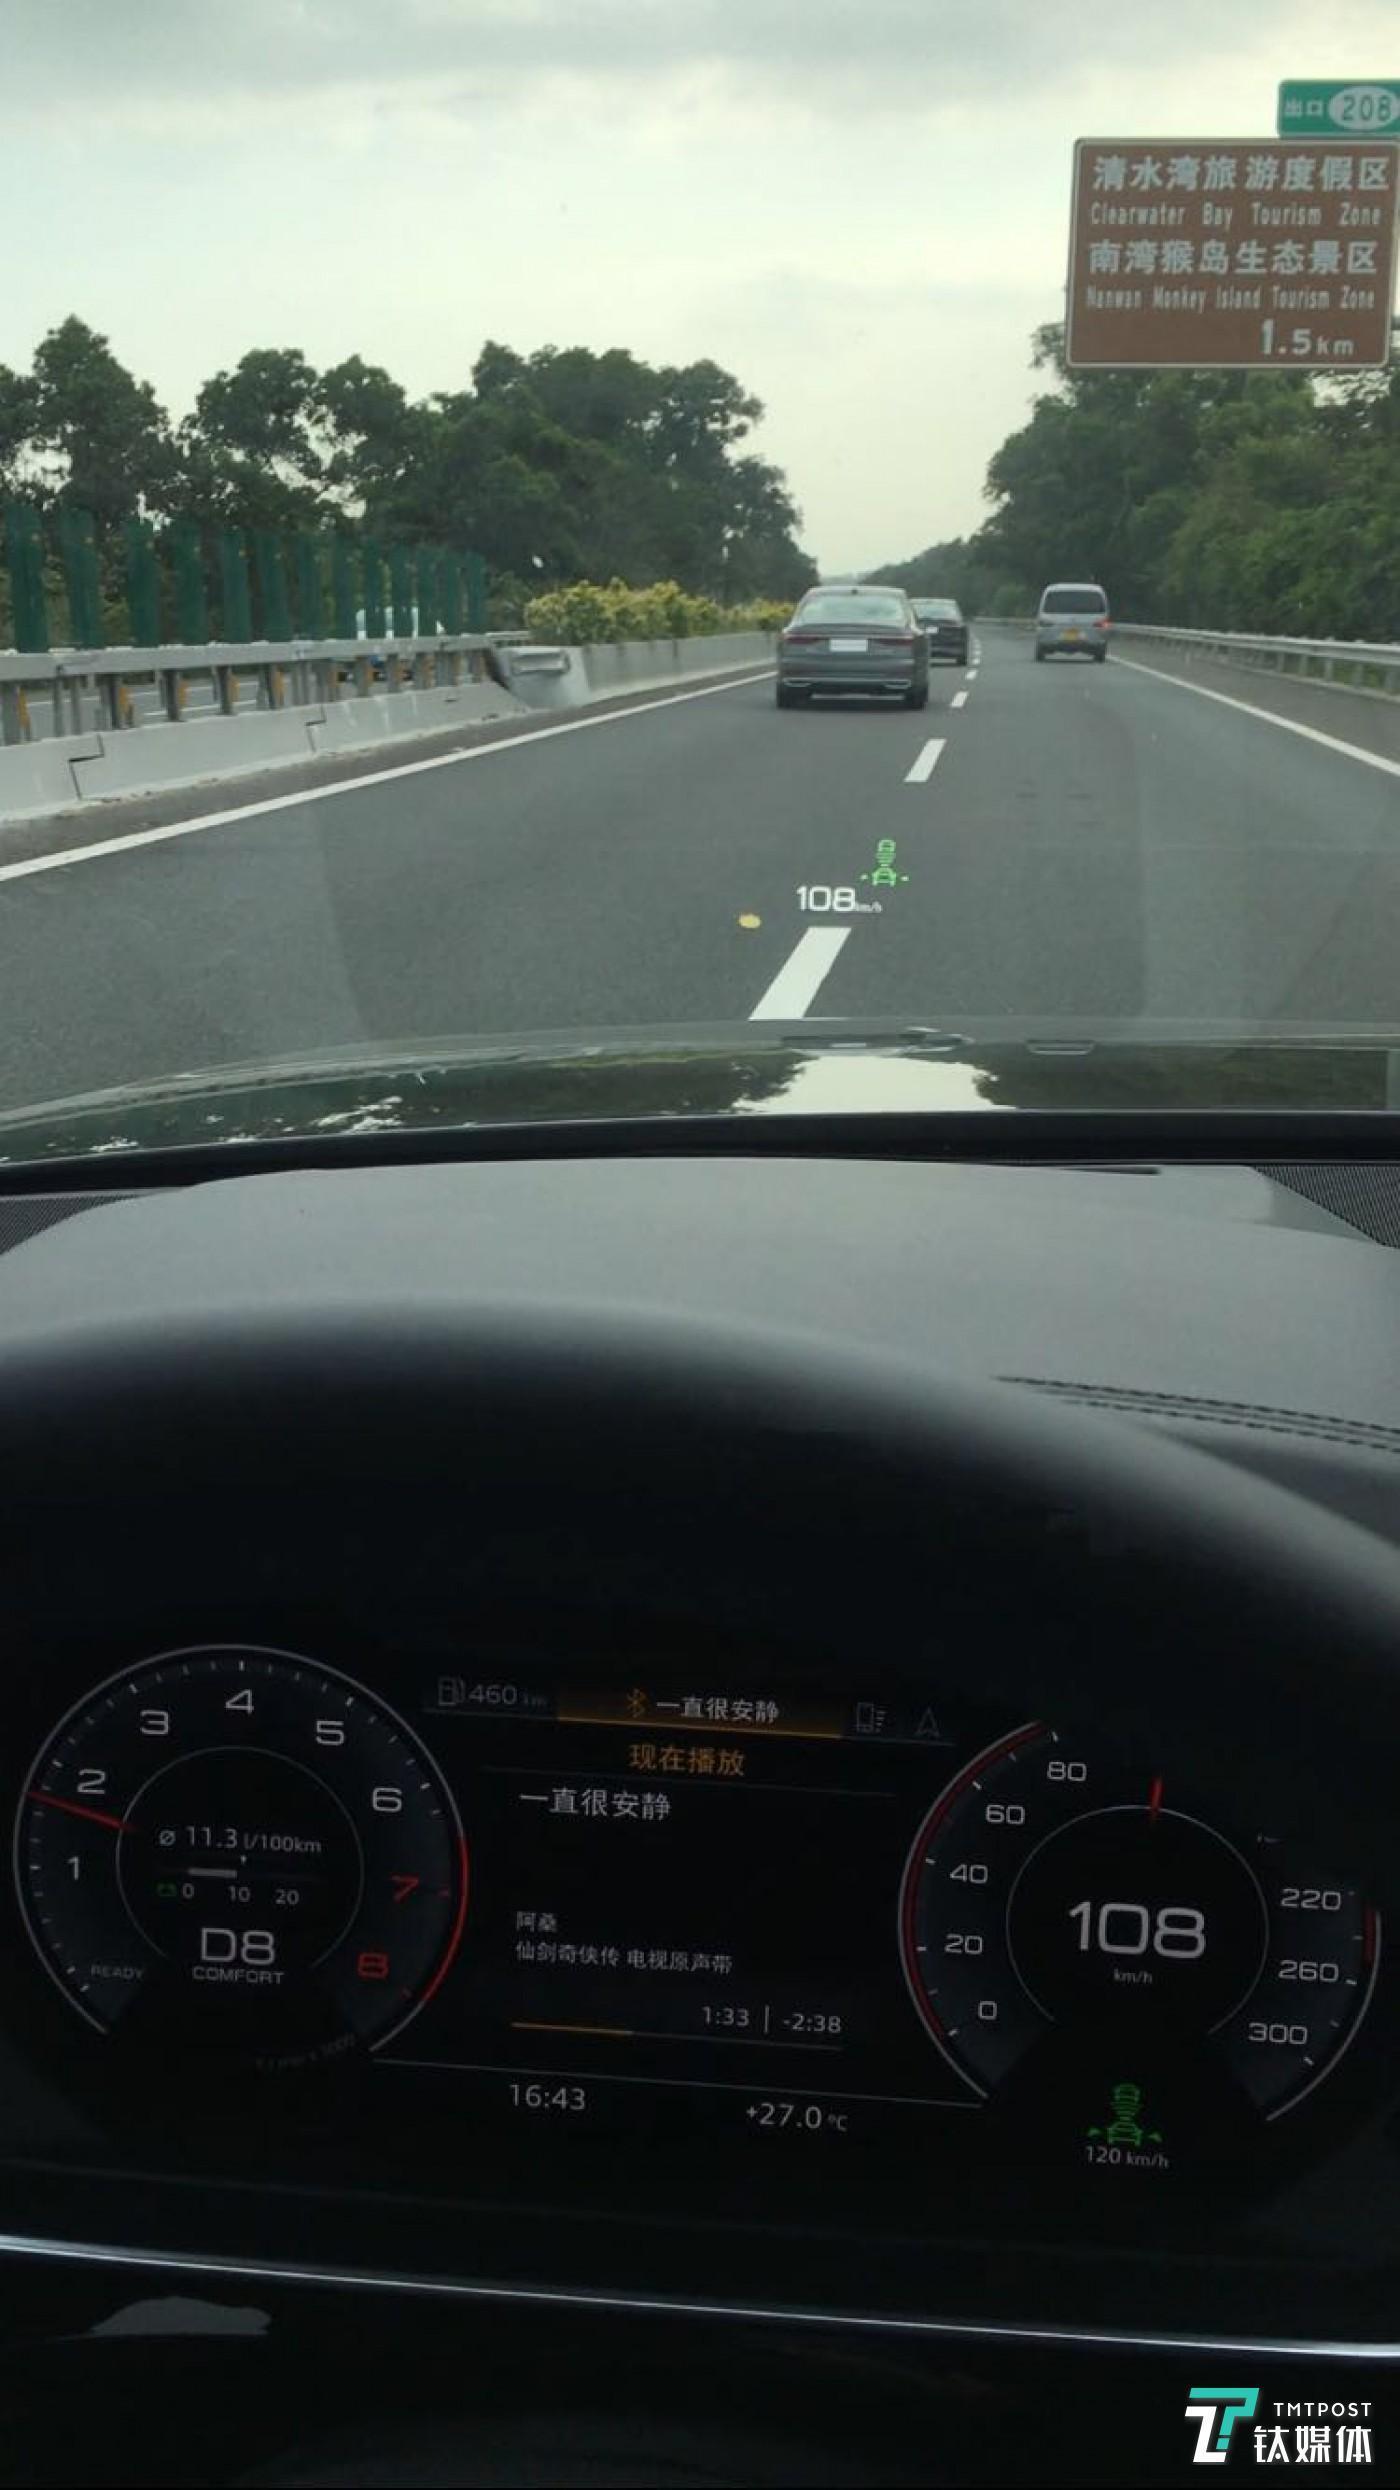 利用ACC变换车道